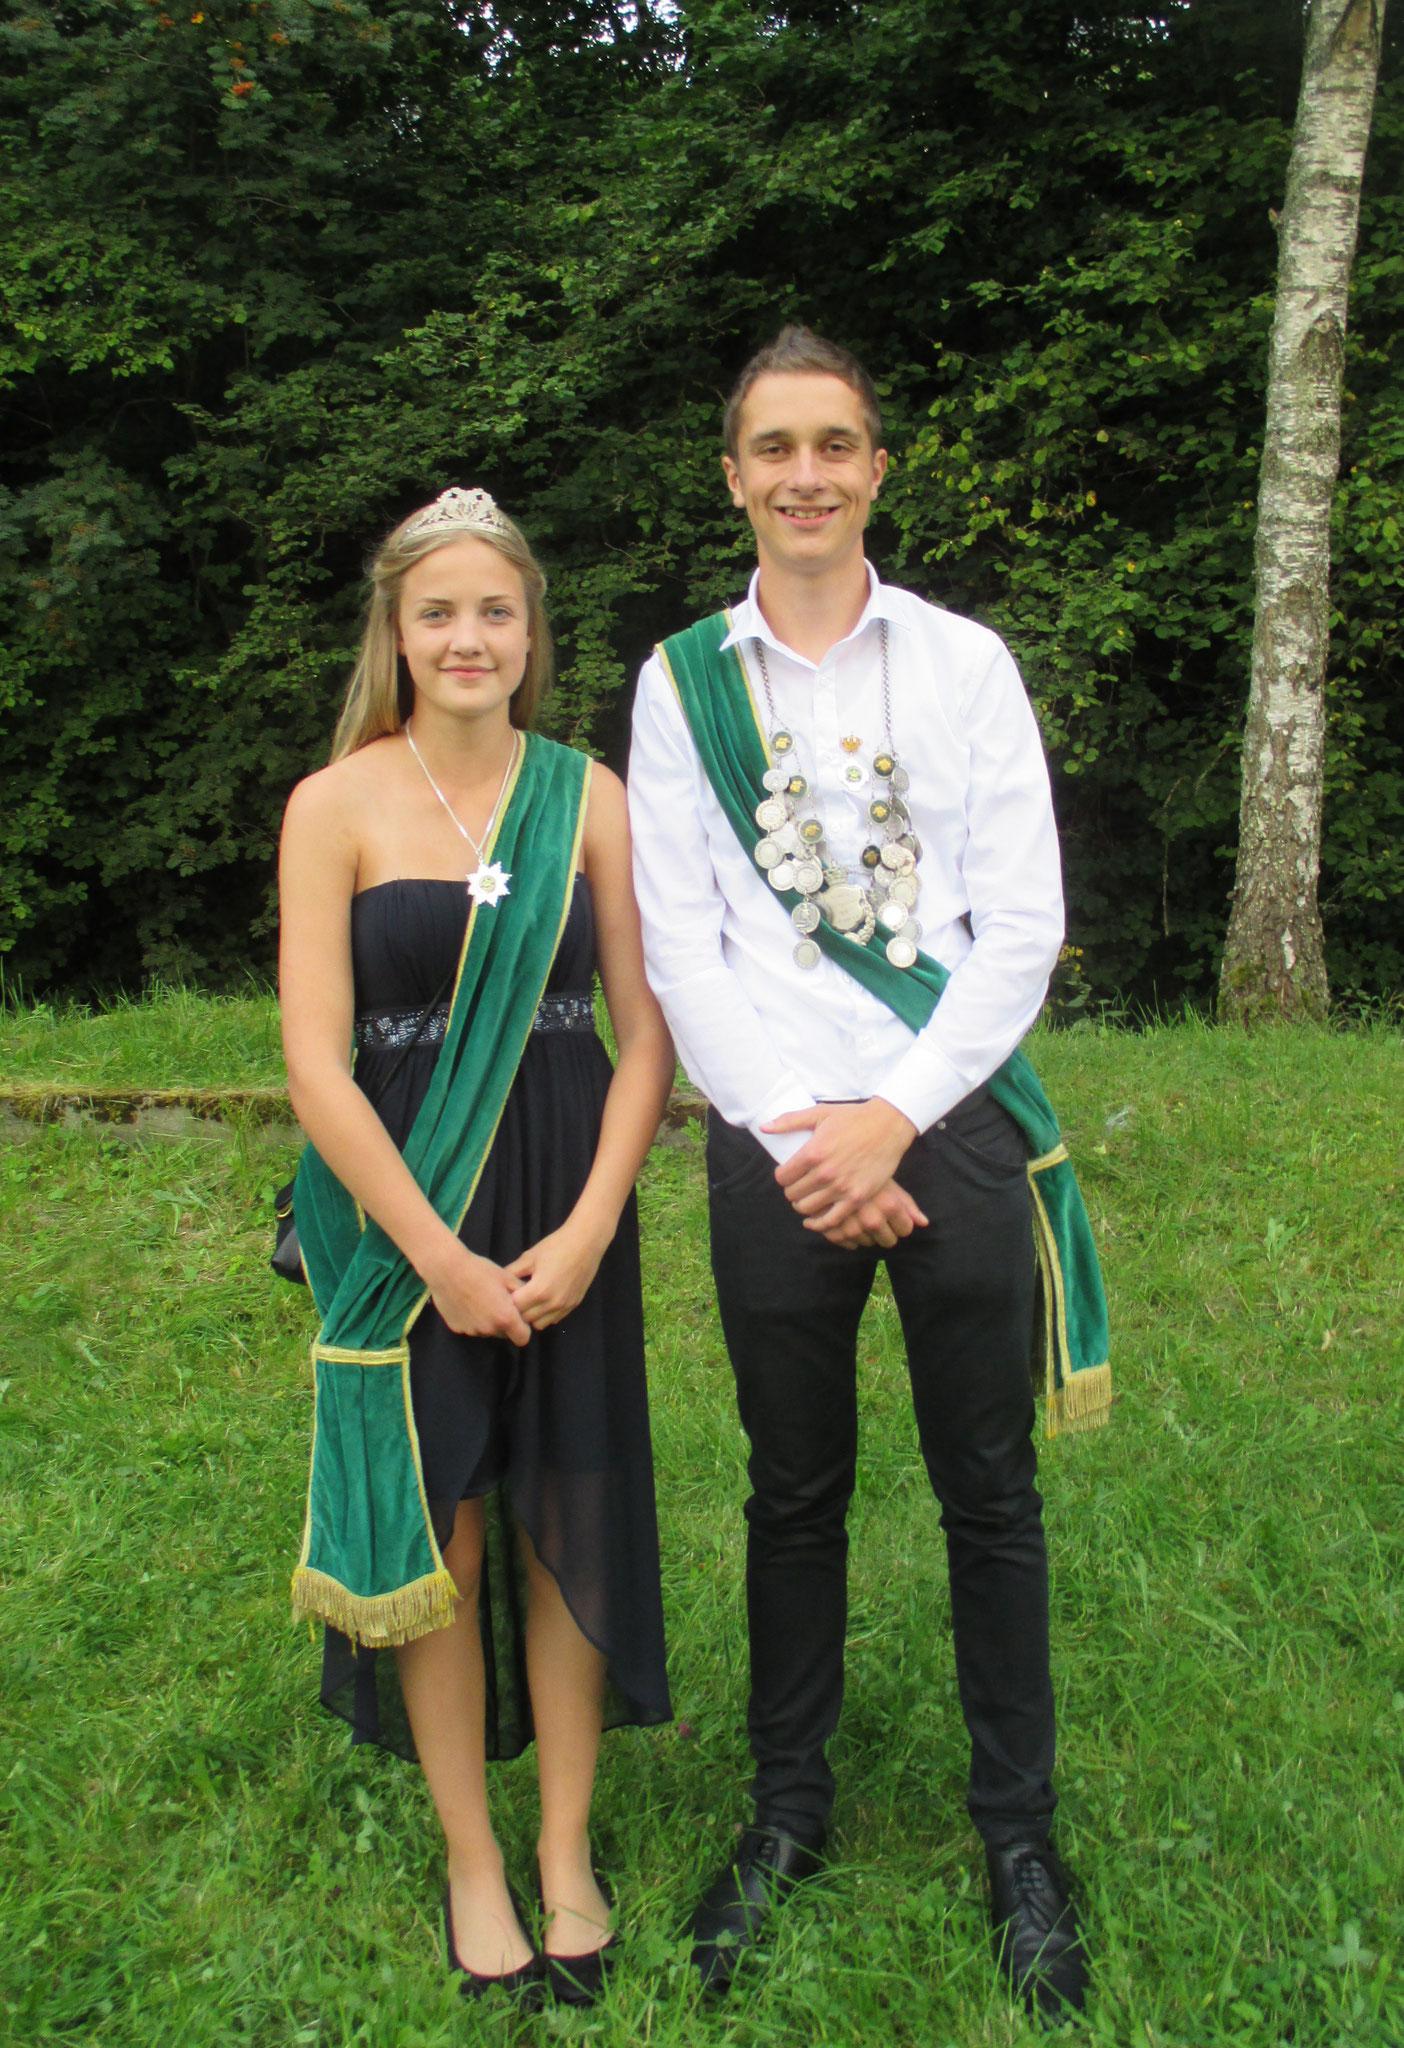 Jungschützenkönigspaar 2016: Aaron Hoffmann und Lena Afflerbach